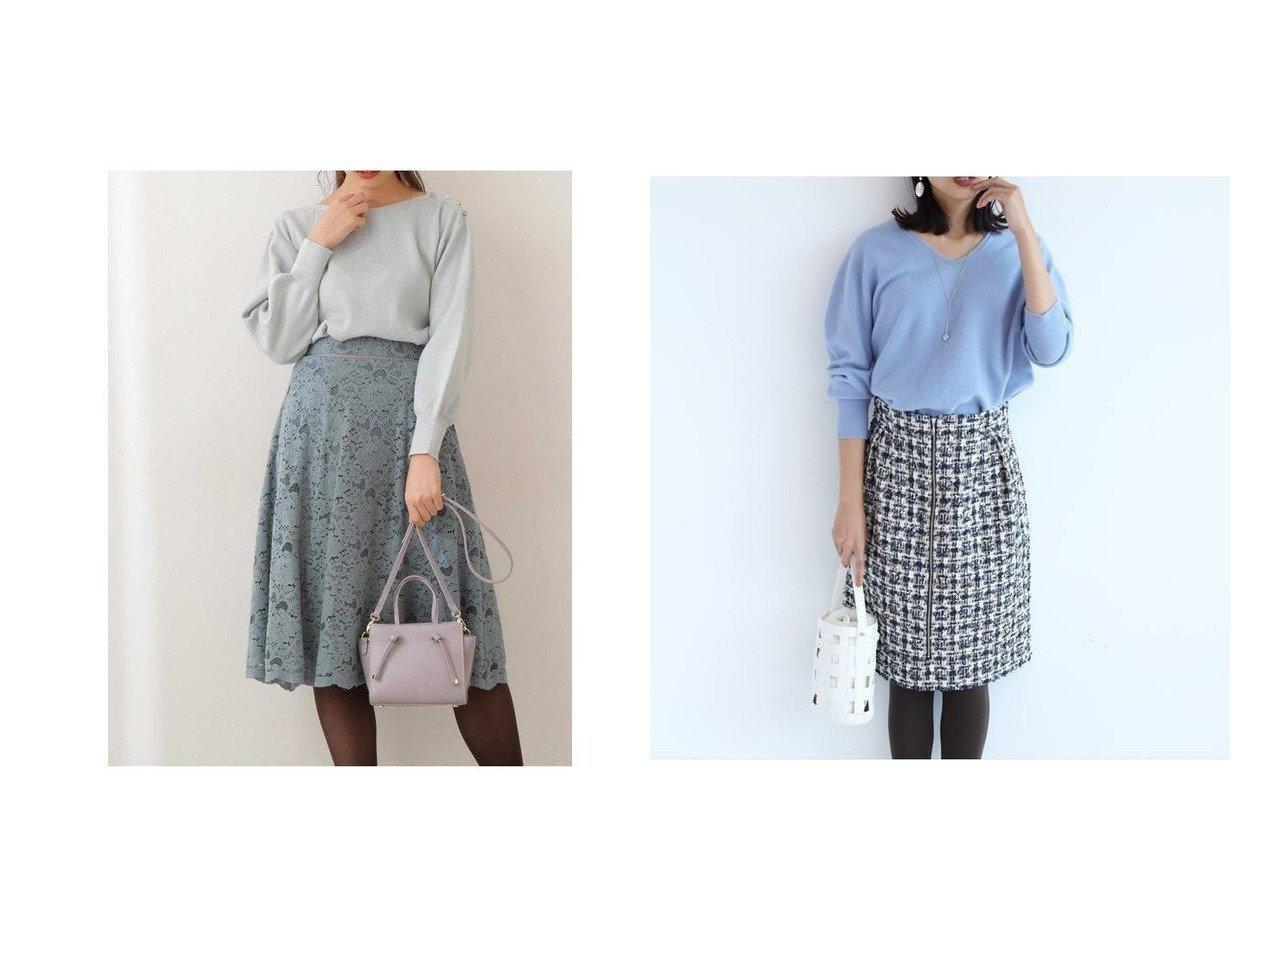 【PROPORTION BODY DRESSING/プロポーション ボディドレッシング】のブラッシュレースフレアスカート&【JUSGLITTY/ジャスグリッティー】のツイードタイトスカート スカートのおすすめ!人気、レディースファッションの通販 おすすめで人気のファッション通販商品 インテリア・家具・キッズファッション・メンズファッション・レディースファッション・服の通販 founy(ファニー) https://founy.com/ ファッション Fashion レディース WOMEN スカート Skirt Aライン/フレアスカート Flared A-Line Skirts ギャザー フレア レース 冬 Winter タイトスカート リブニット  ID:crp329100000001467